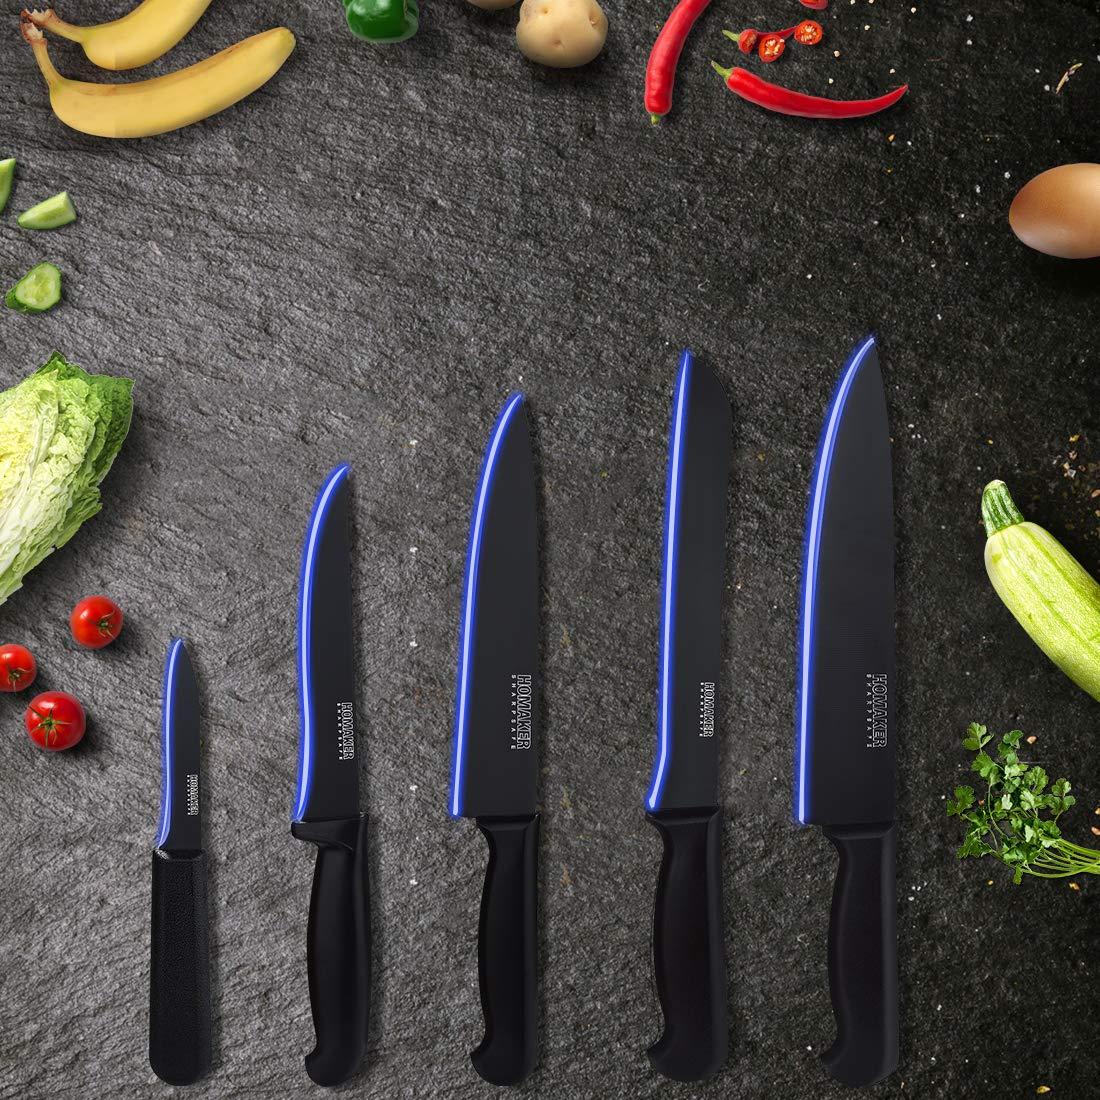 Homaker Knife Set, Black Kitchen Knife Set with High Carbon Stainless Steel Ultra Sharp Chef Knives Set, Bread Knife, Boning Knife, Paring Knife by HOMAKER (Image #1)